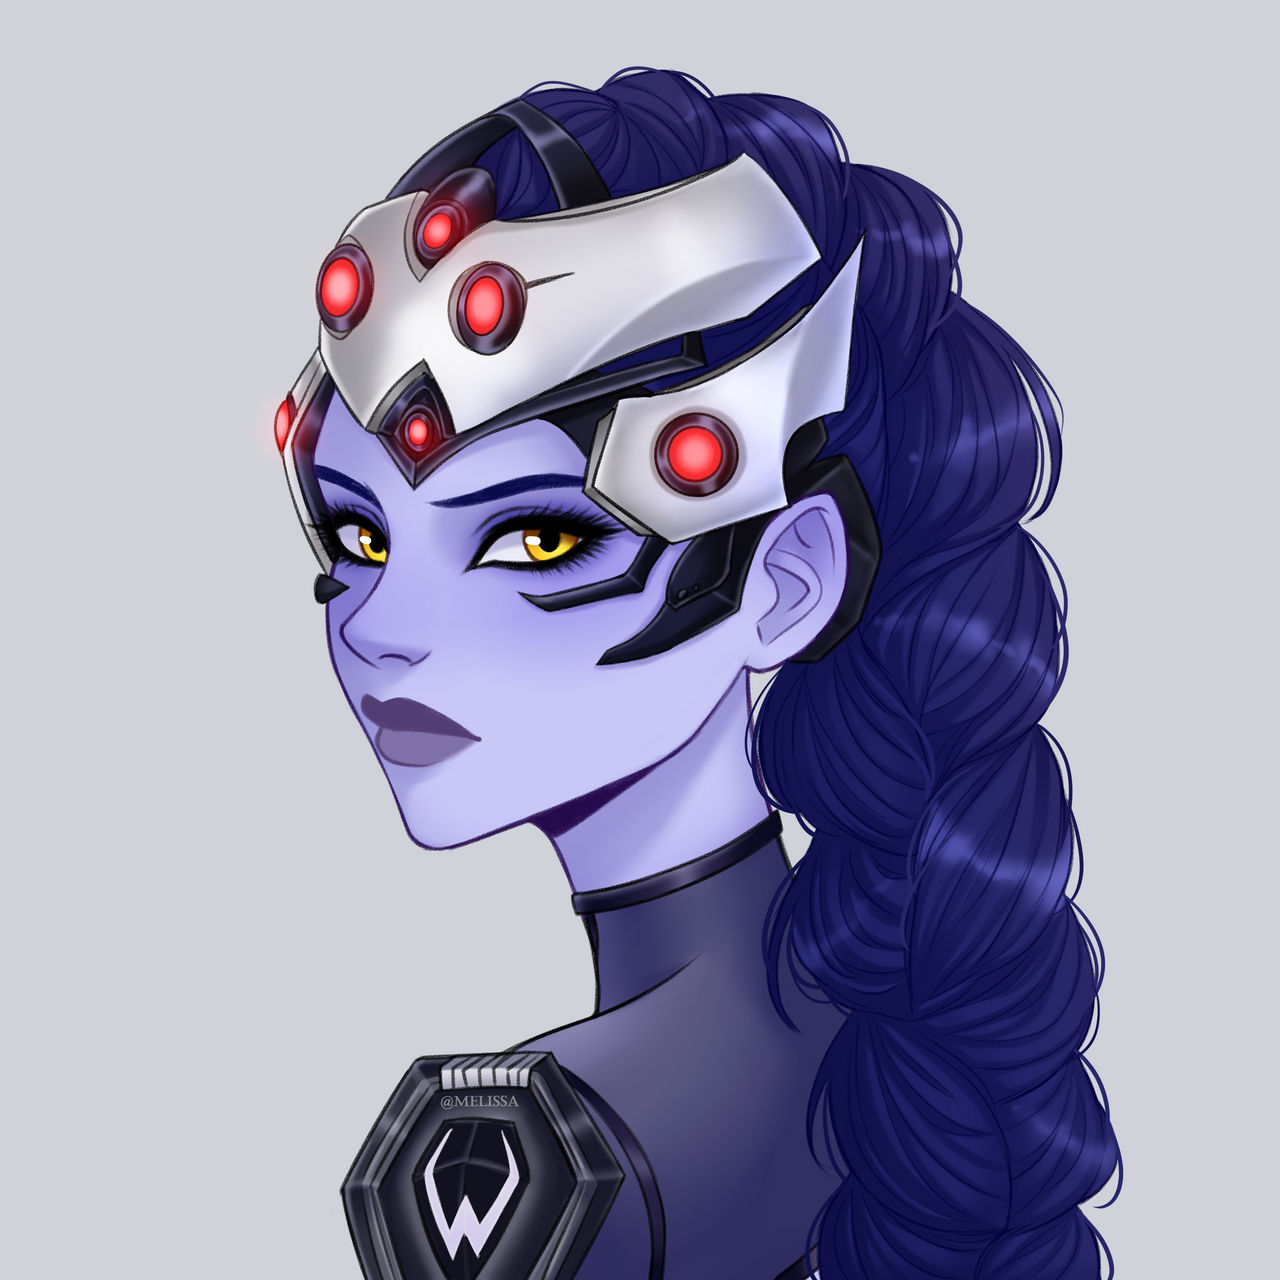 Widowmaker  Overwatch 2 